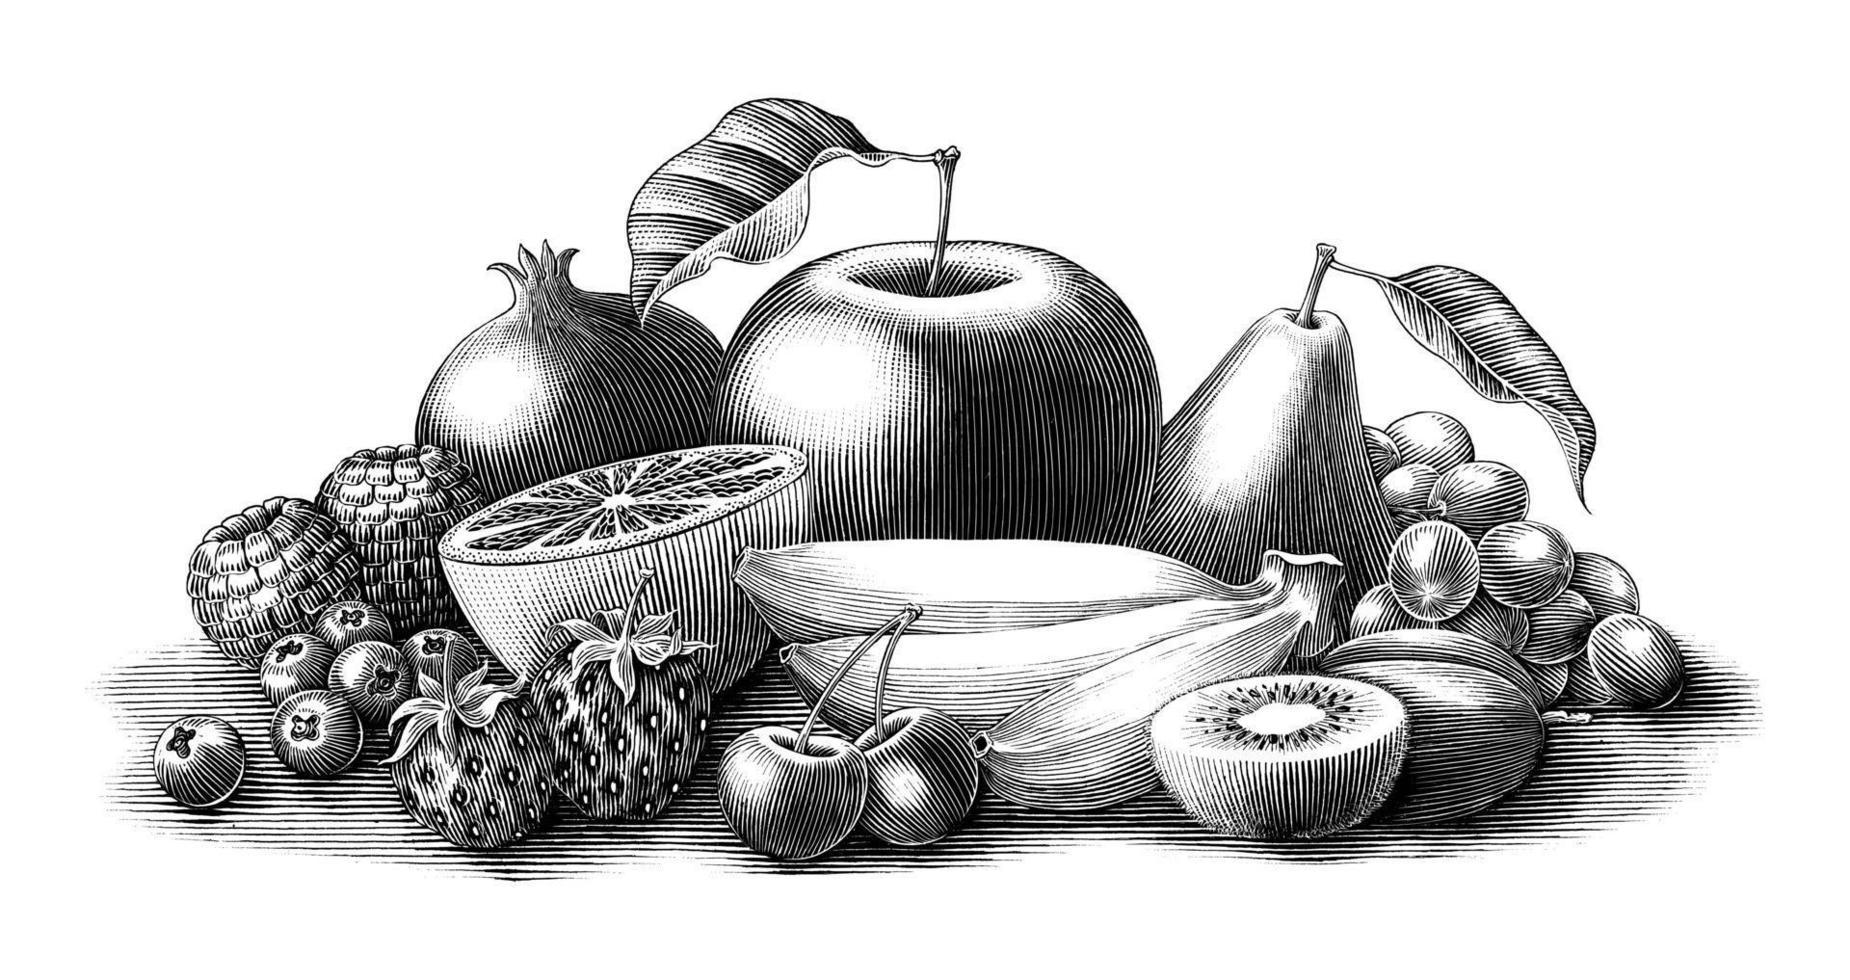 Illustration de fruits vintage style gravure clip noir et blanc isolé sur fond blanc vecteur